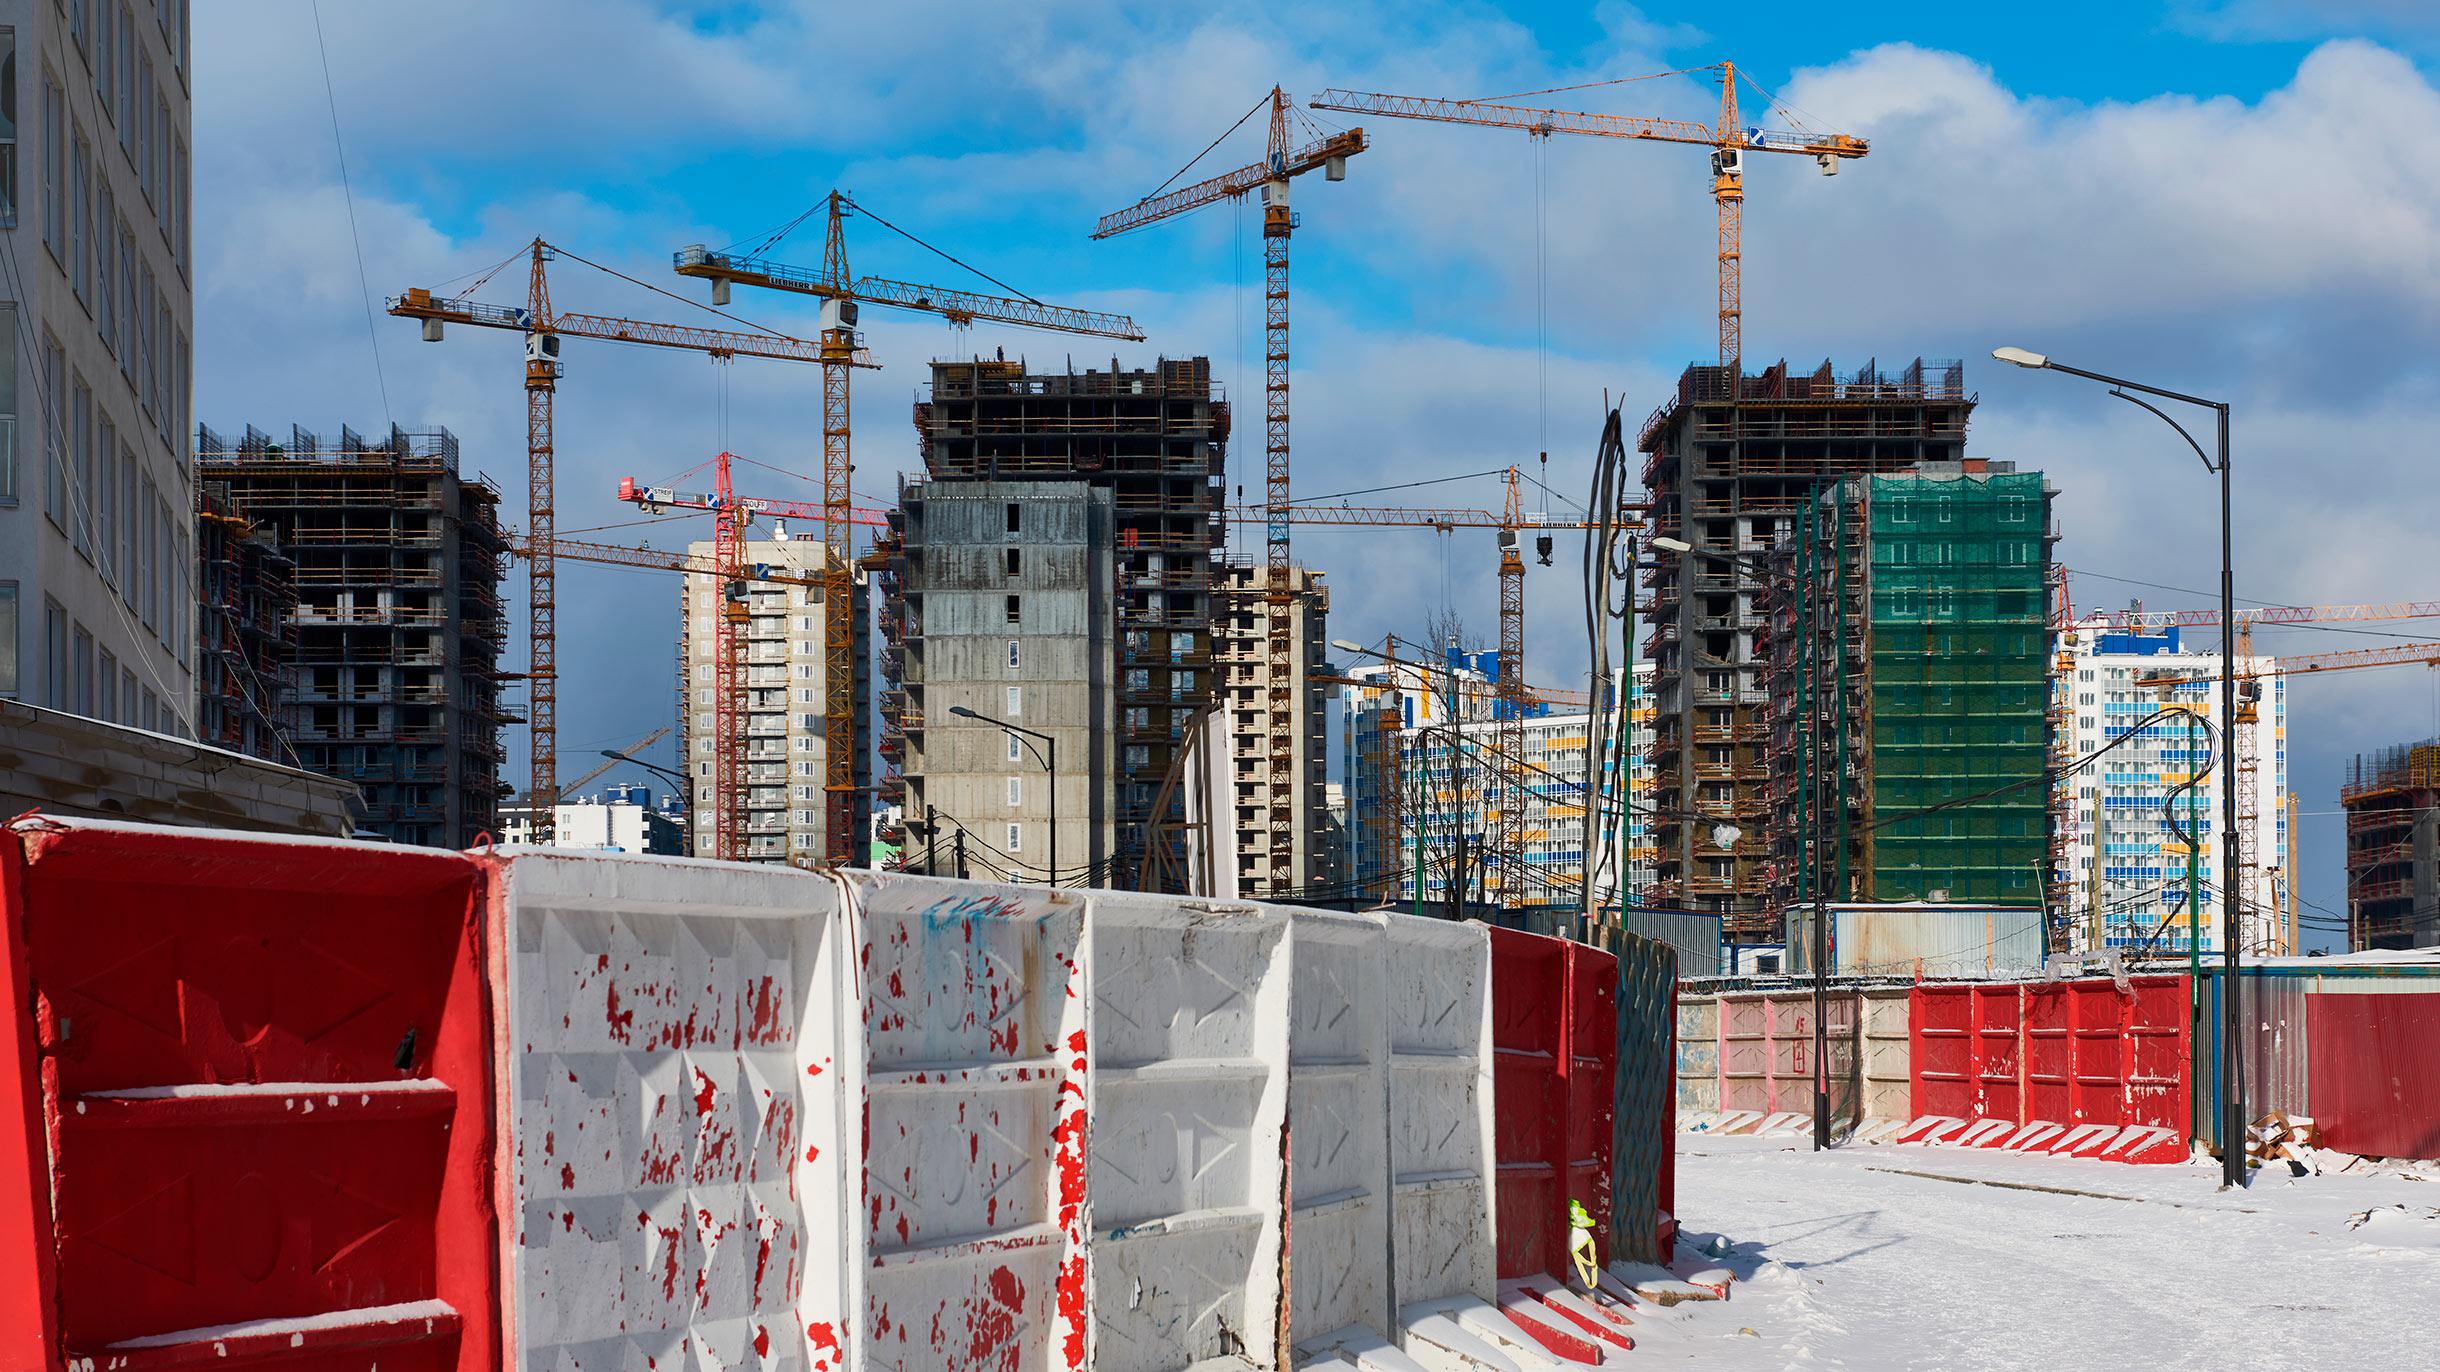 Льготная ипотека под 2 процента на дальнем востоке и в других регионах: кому положена дальневосточная ипотека, условия и порядок оформления в 2020 году, новости